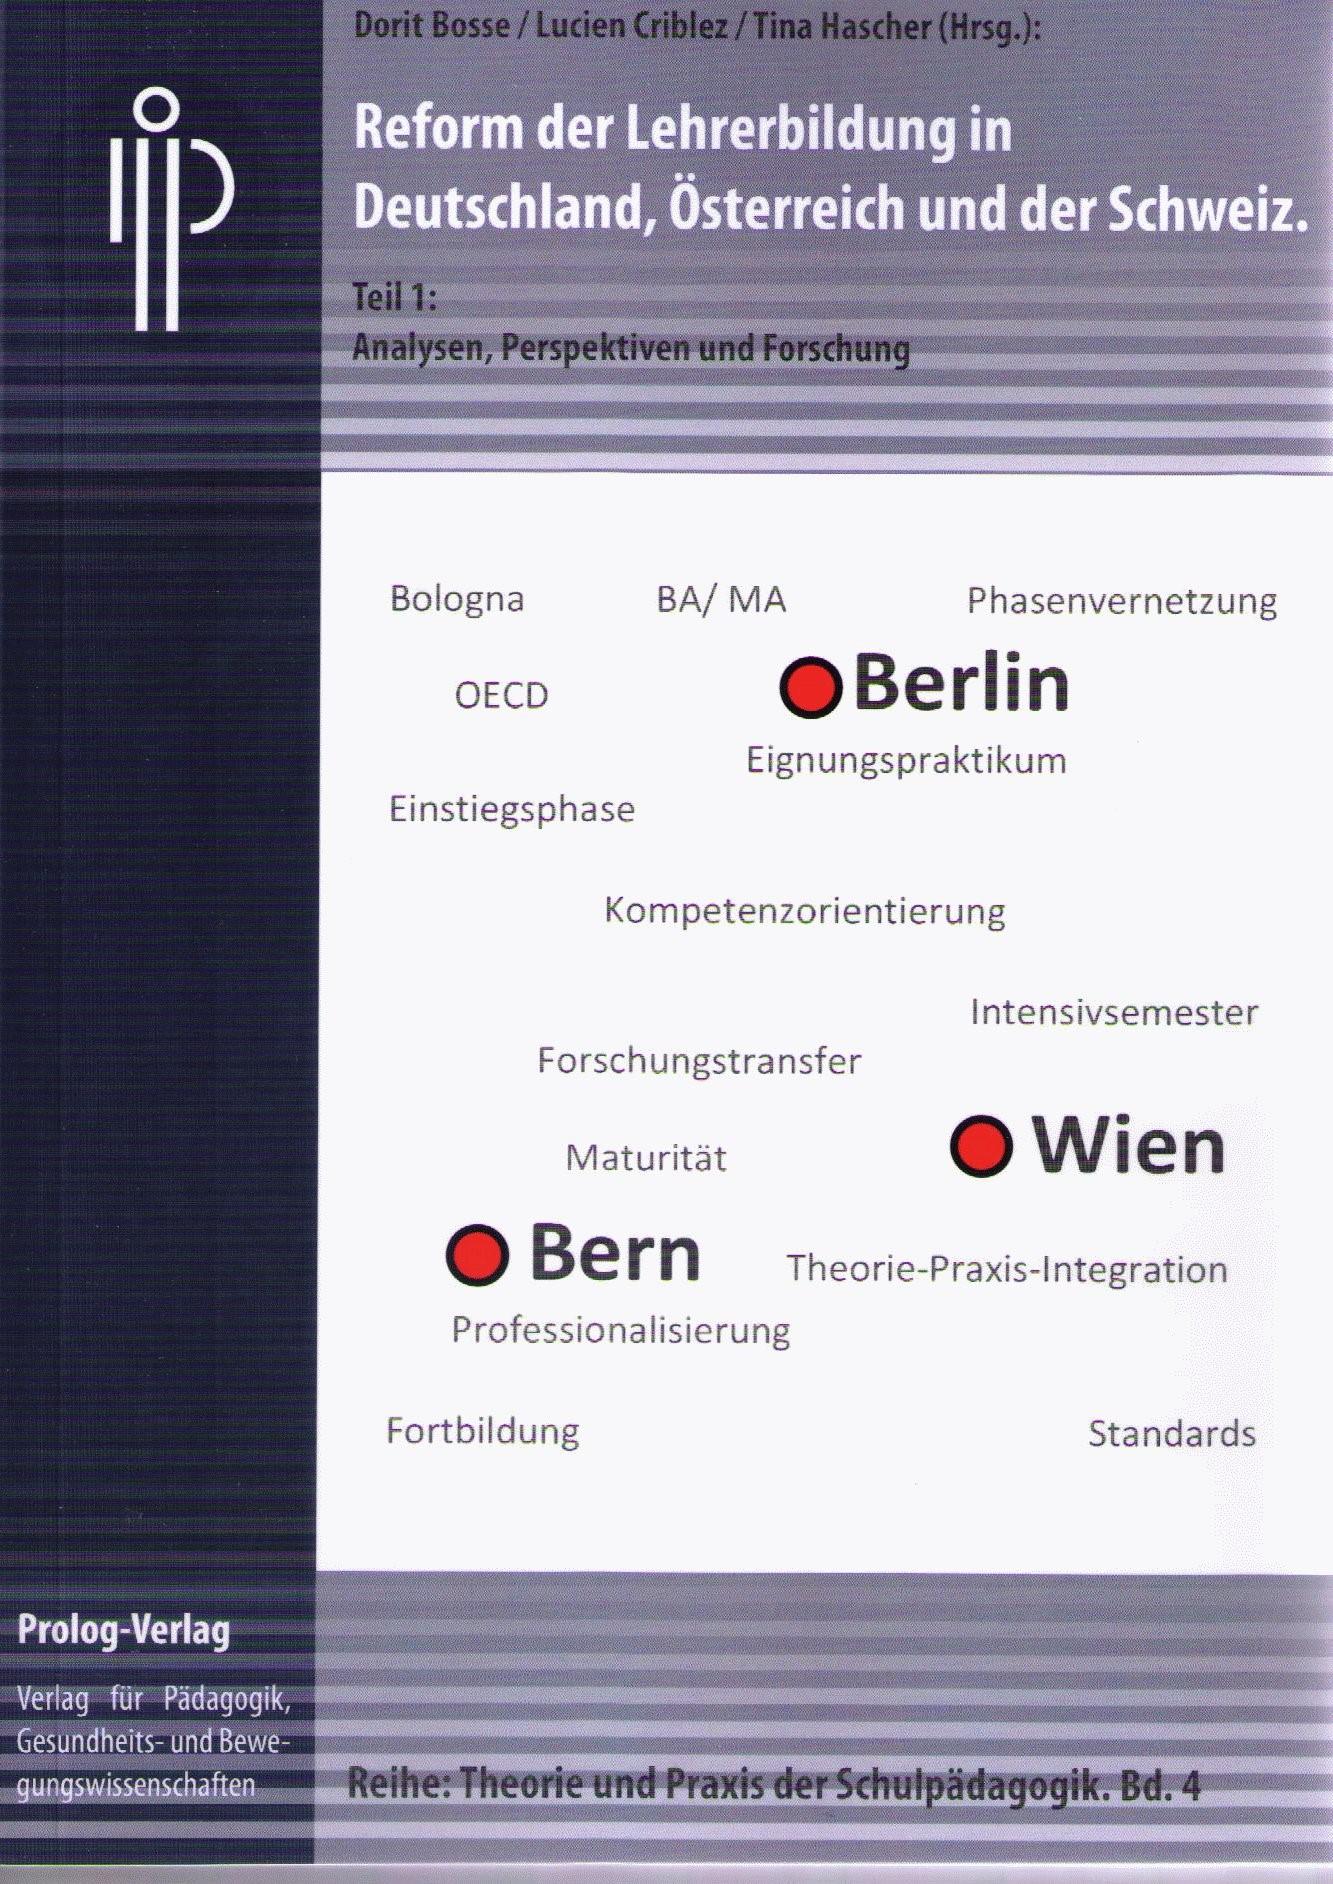 Reform der Lehrerbildung in Deutschland, Österreich und der Schweiz | Bosse / Criblez / Hascher, 2012 | Buch (Cover)